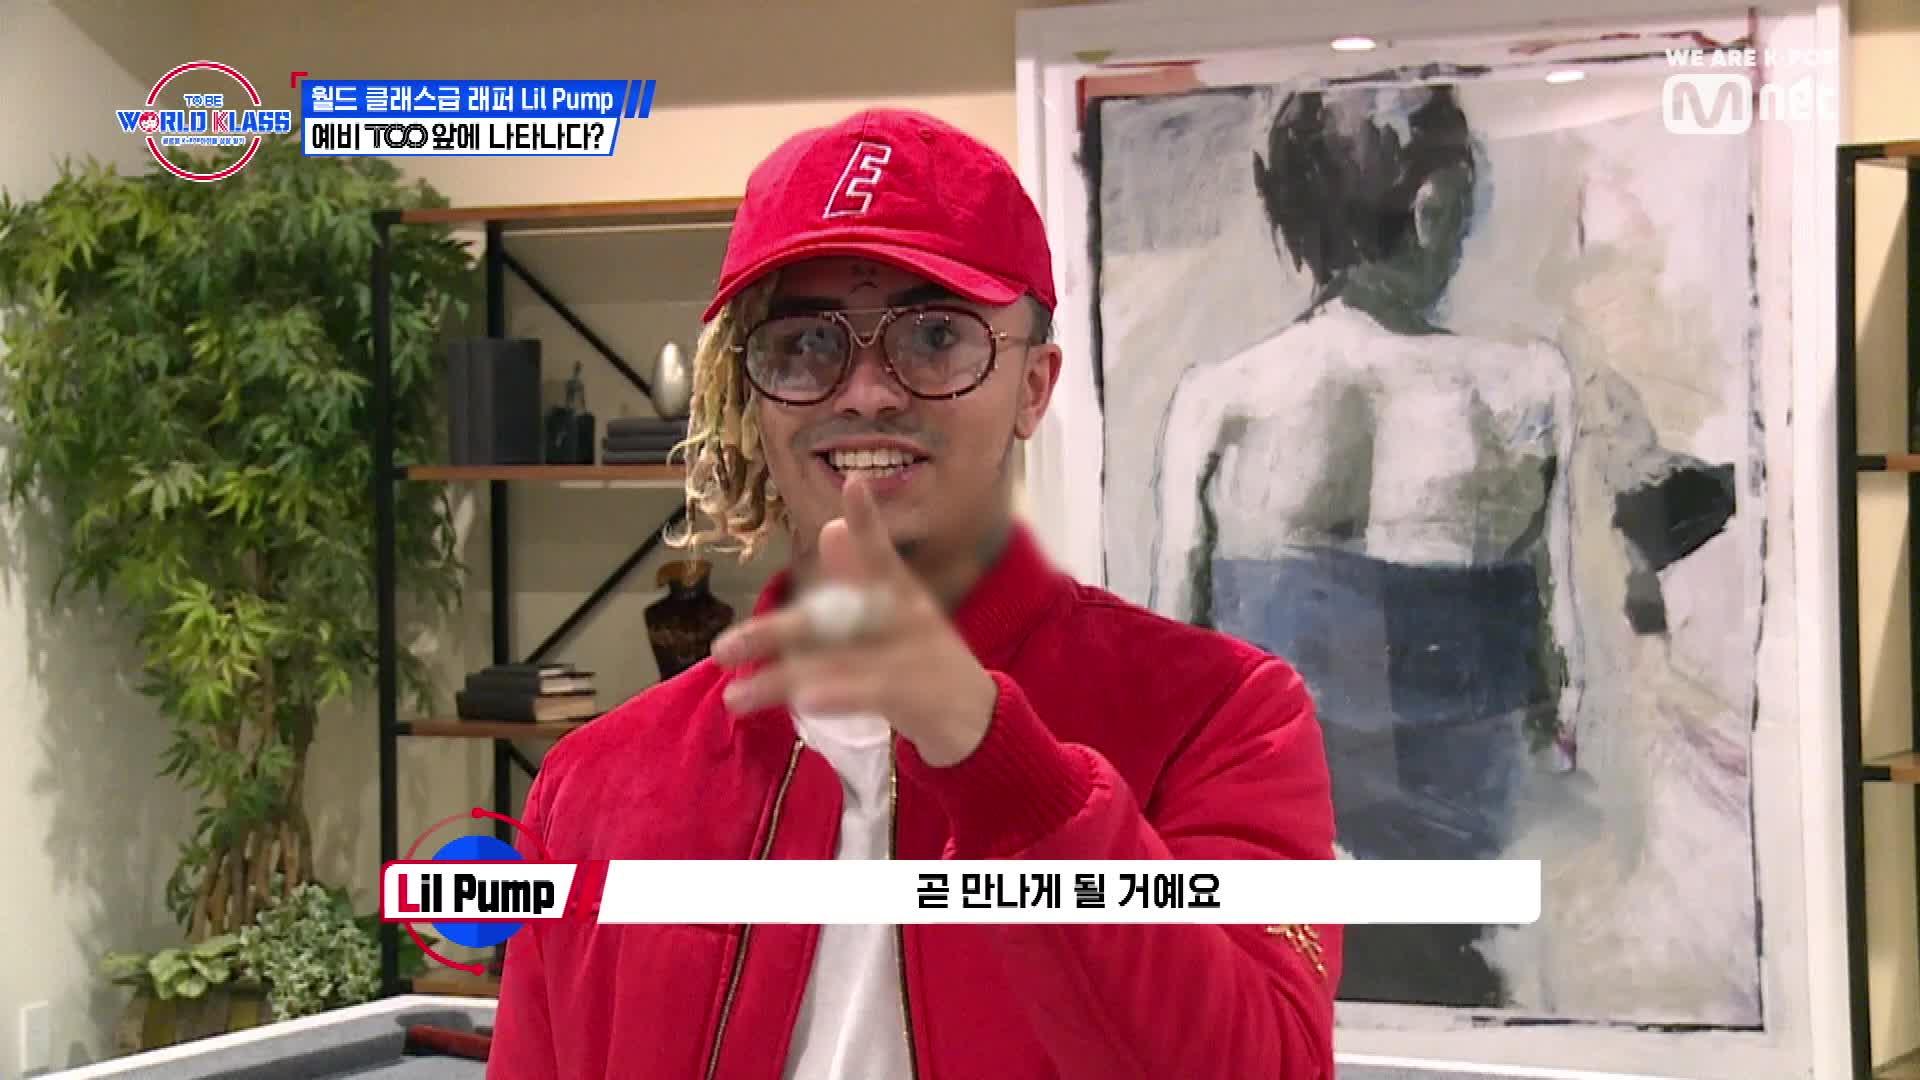 [4회] 재윤이 깜짝 생일 파티♥와 REAL 깜놀★ 릴 펌프의 등장!